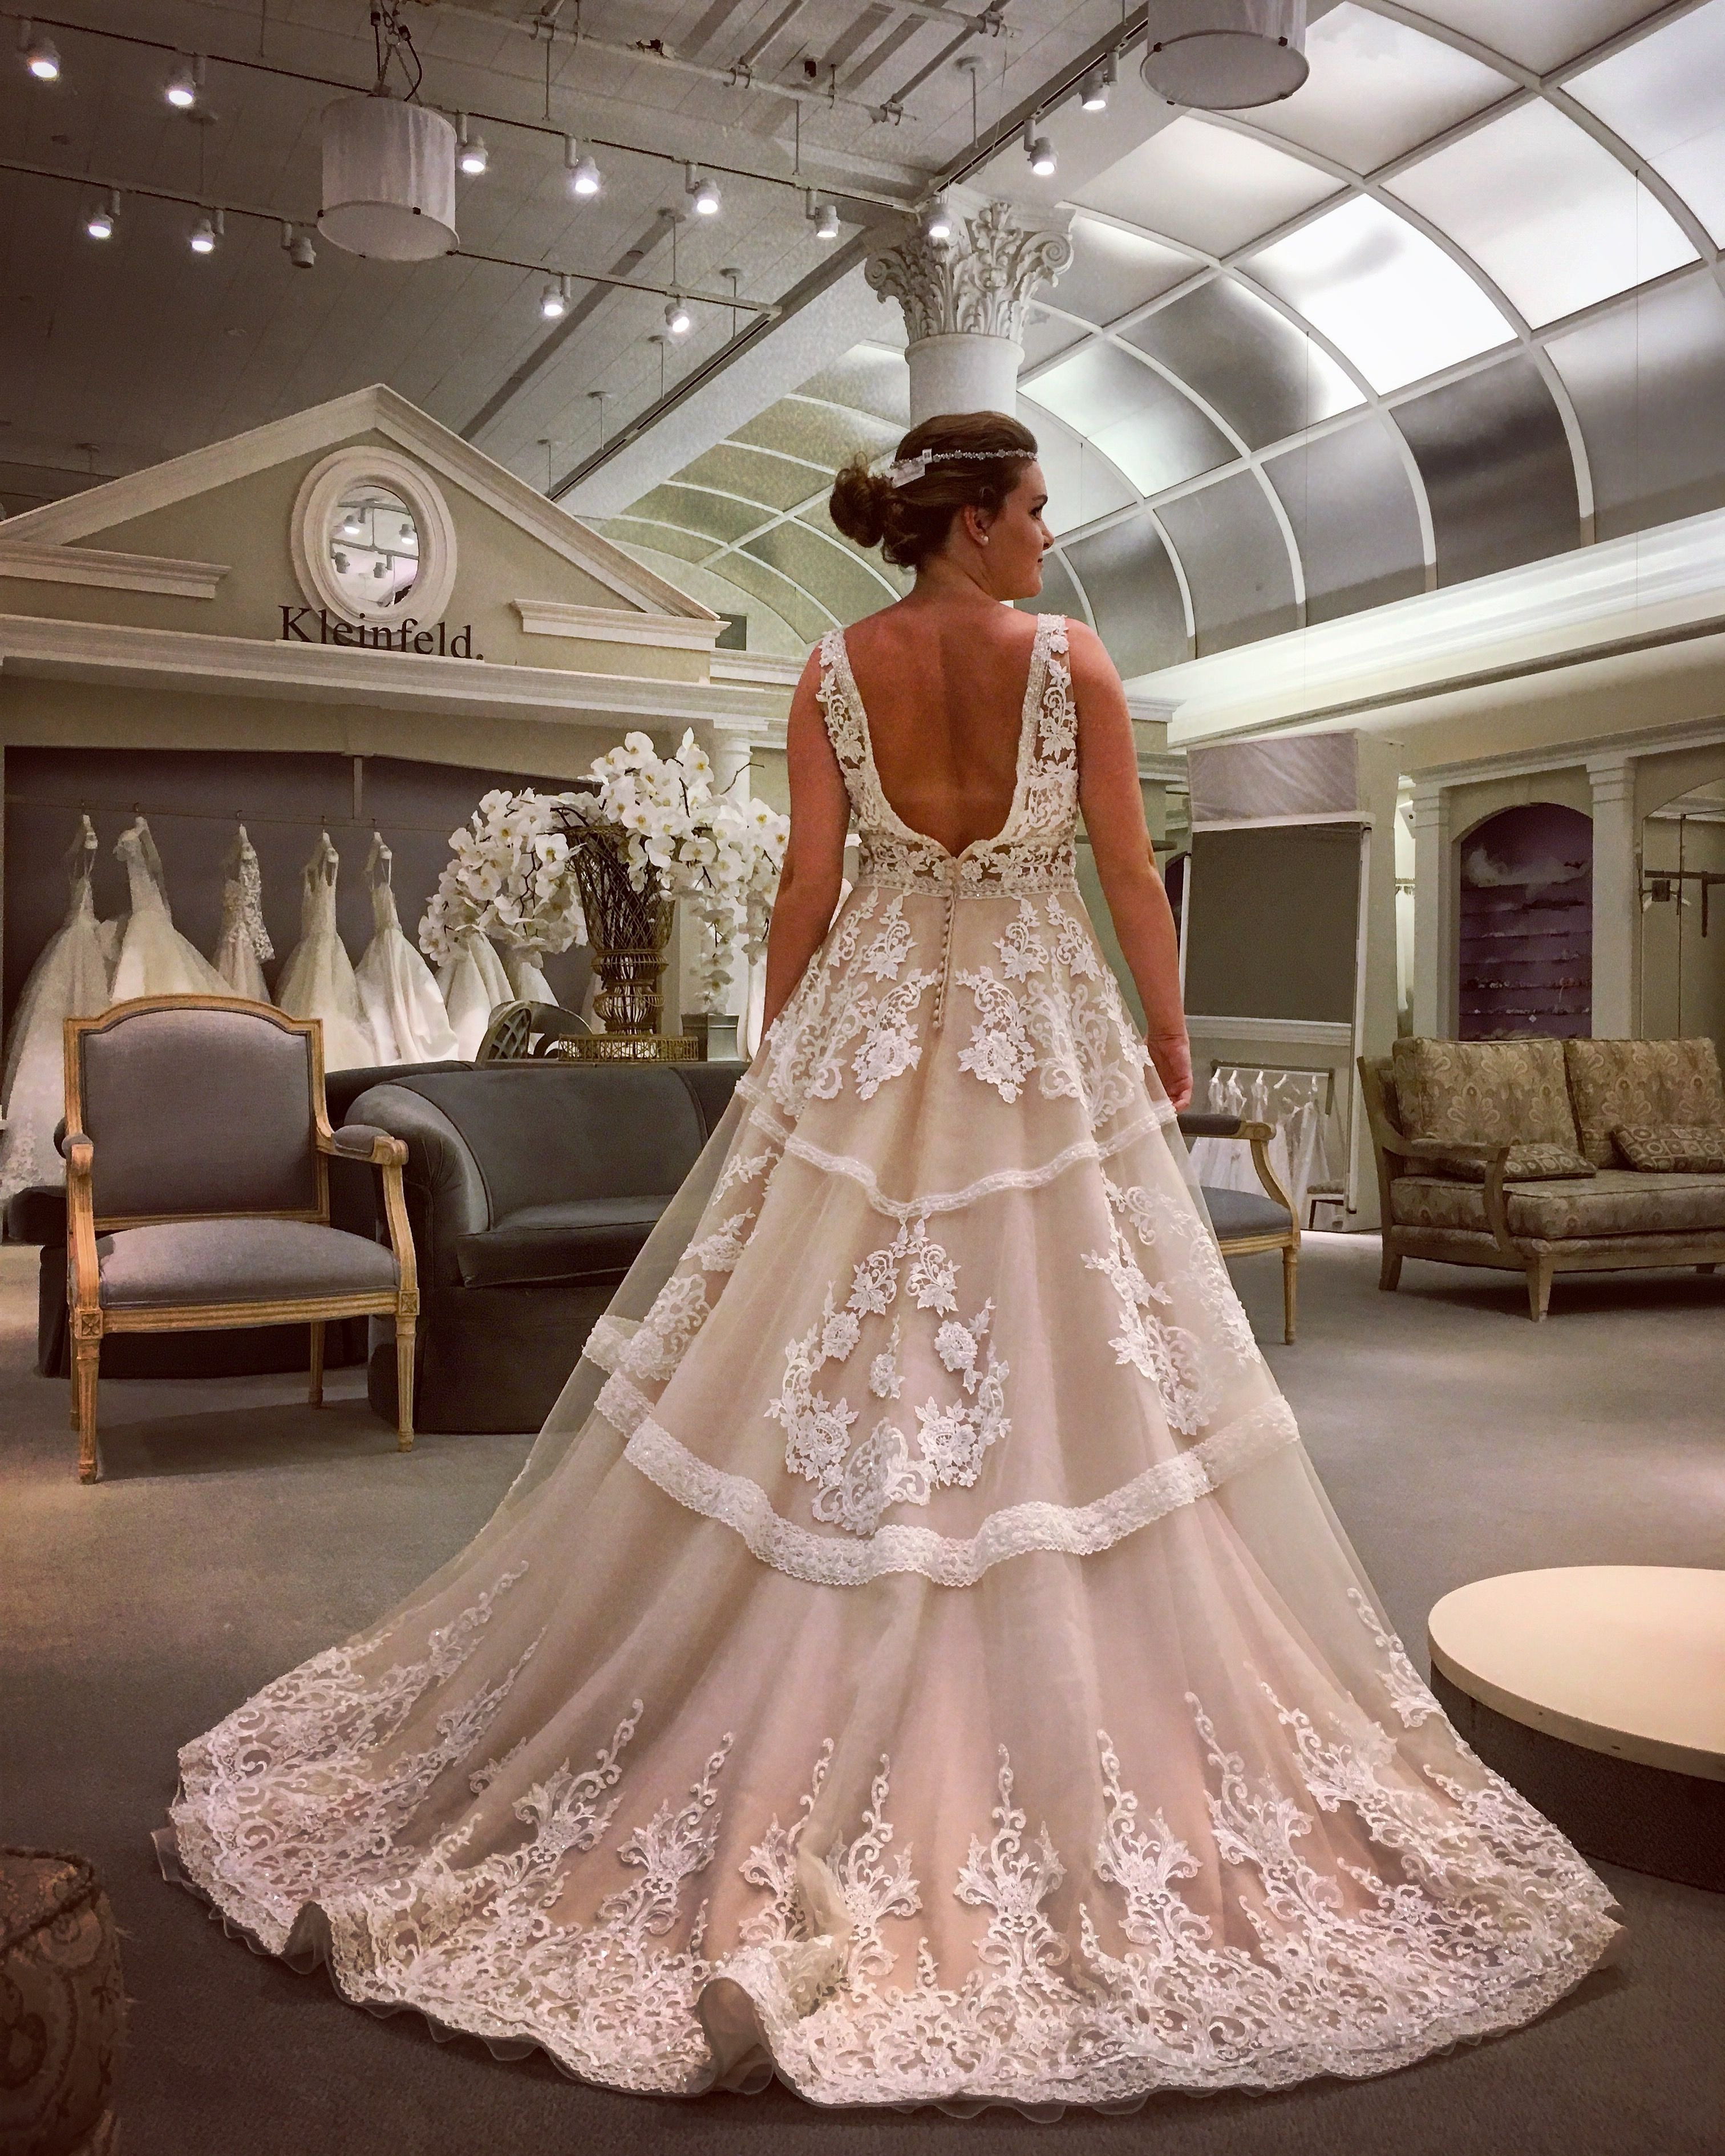 Randy Fenoli Wedding Dresses.Randy Fenoli Wedding Dress Rustic Whimsical My Style In 2019